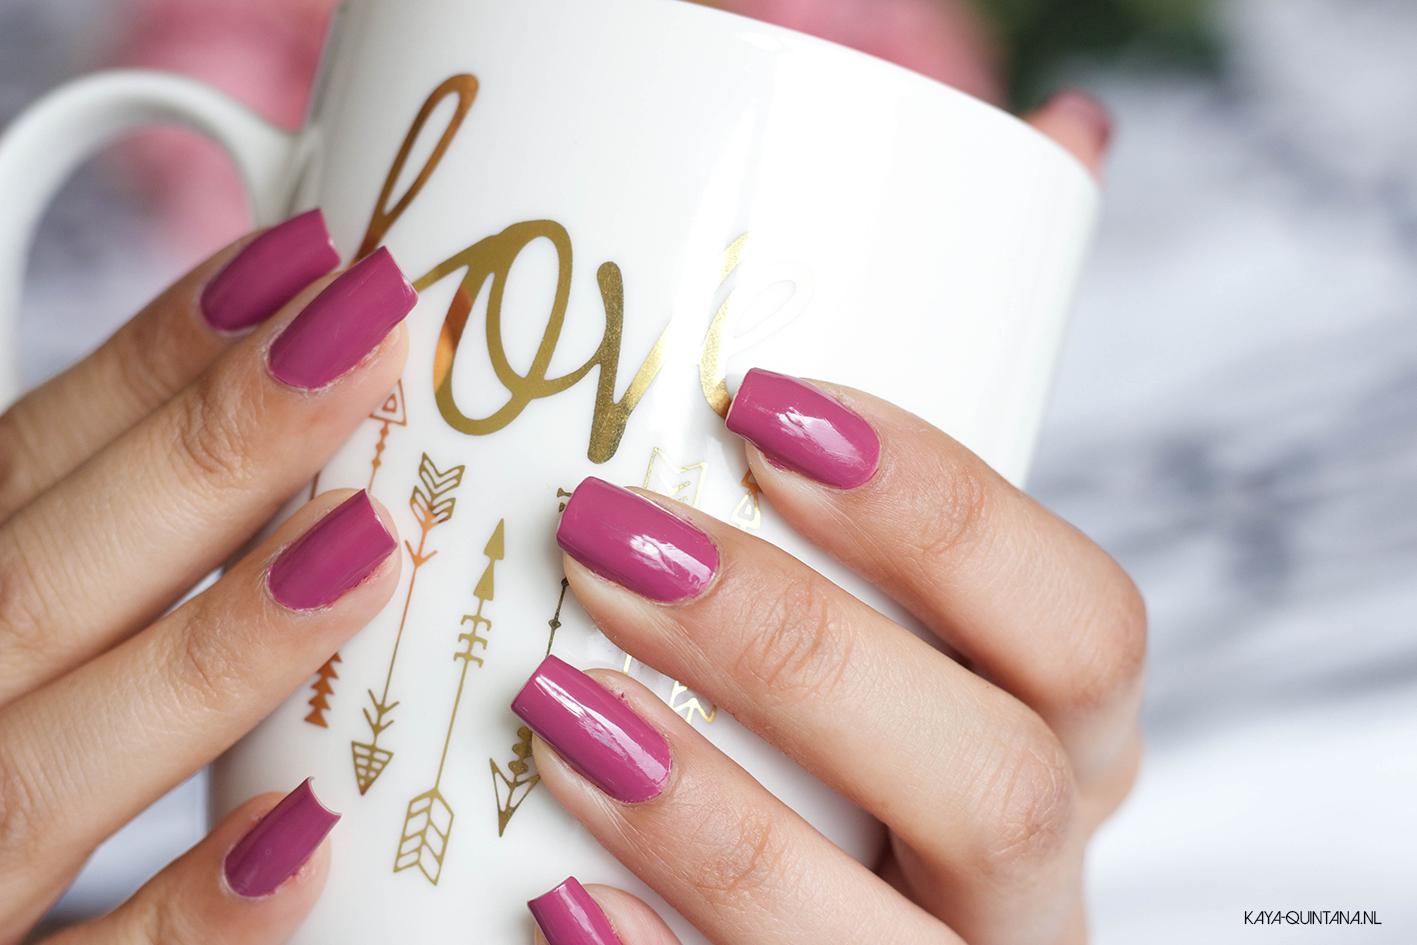 pink opi nail polish